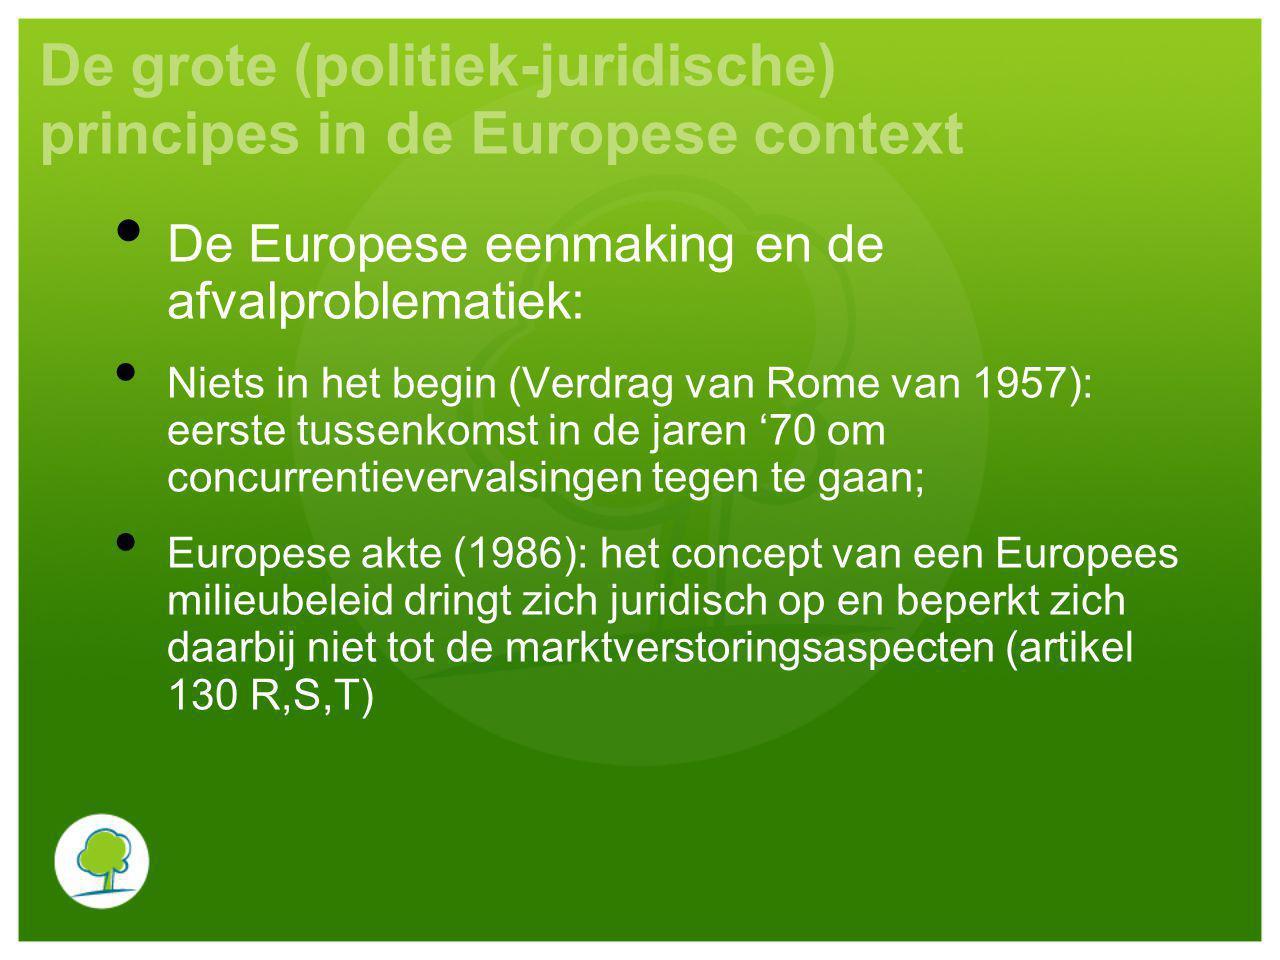 De grote (politiek-juridische) principes in de Europese context De Europese eenmaking en de afvalproblematiek: Niets in het begin (Verdrag van Rome va